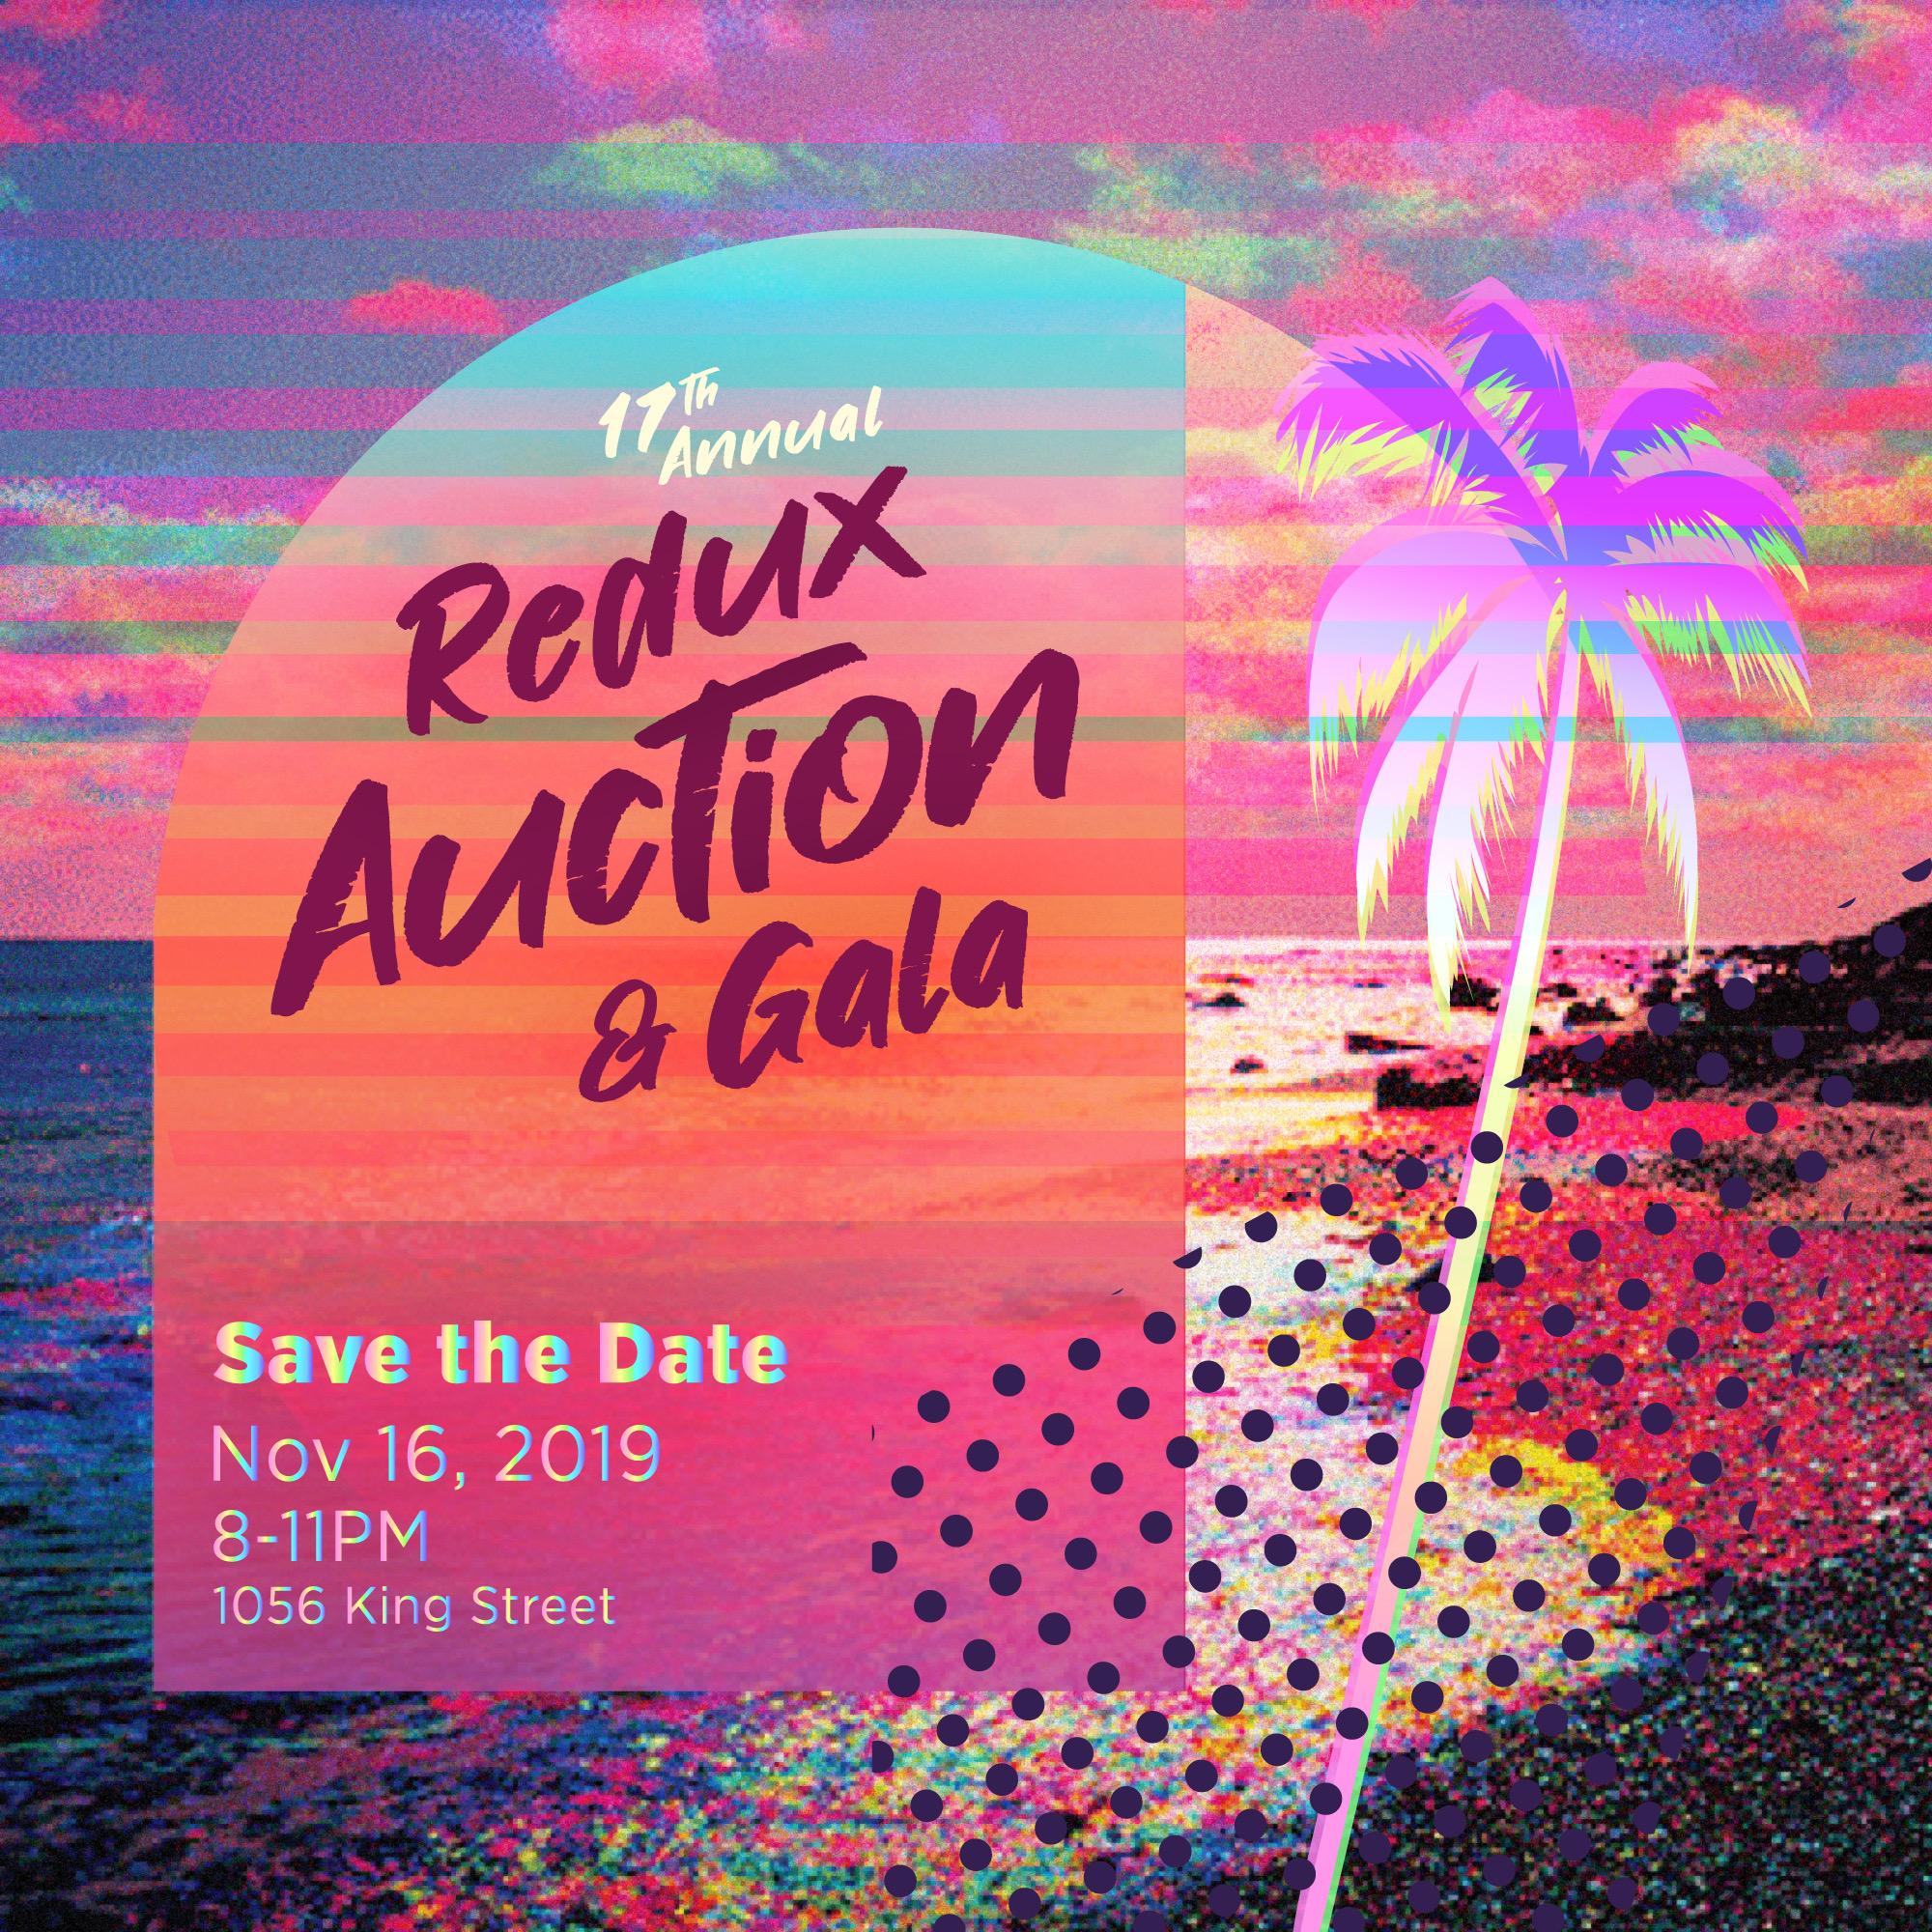 auction-image.jpeg